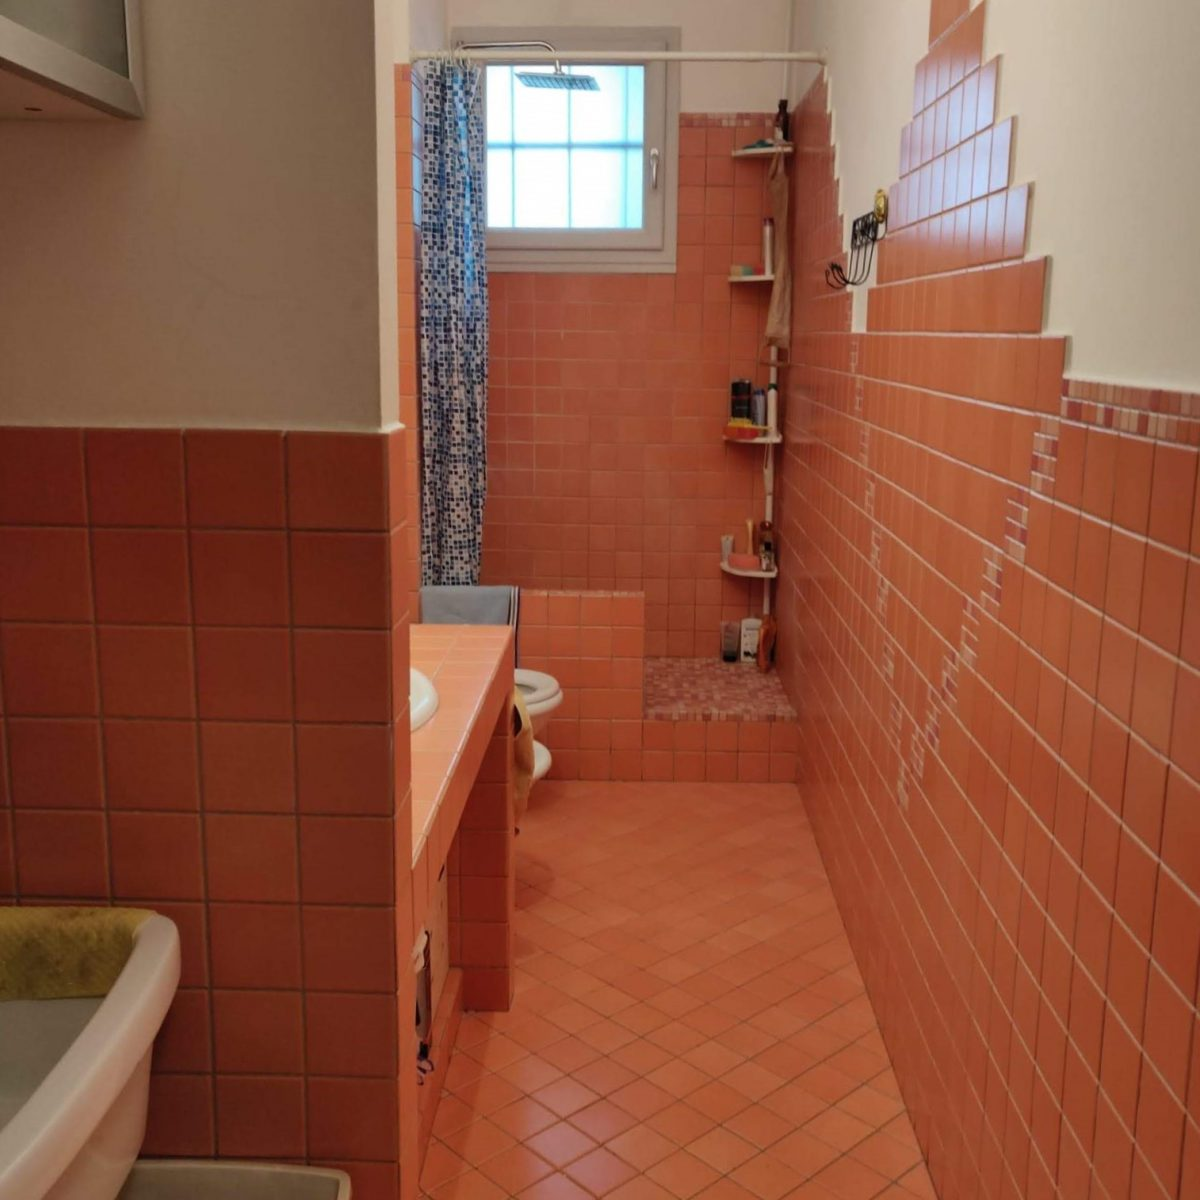 appartamento-in-vendita-milano-quartiere-olmi-milano-baggio-spaziourbano-immobiliare-vende-10